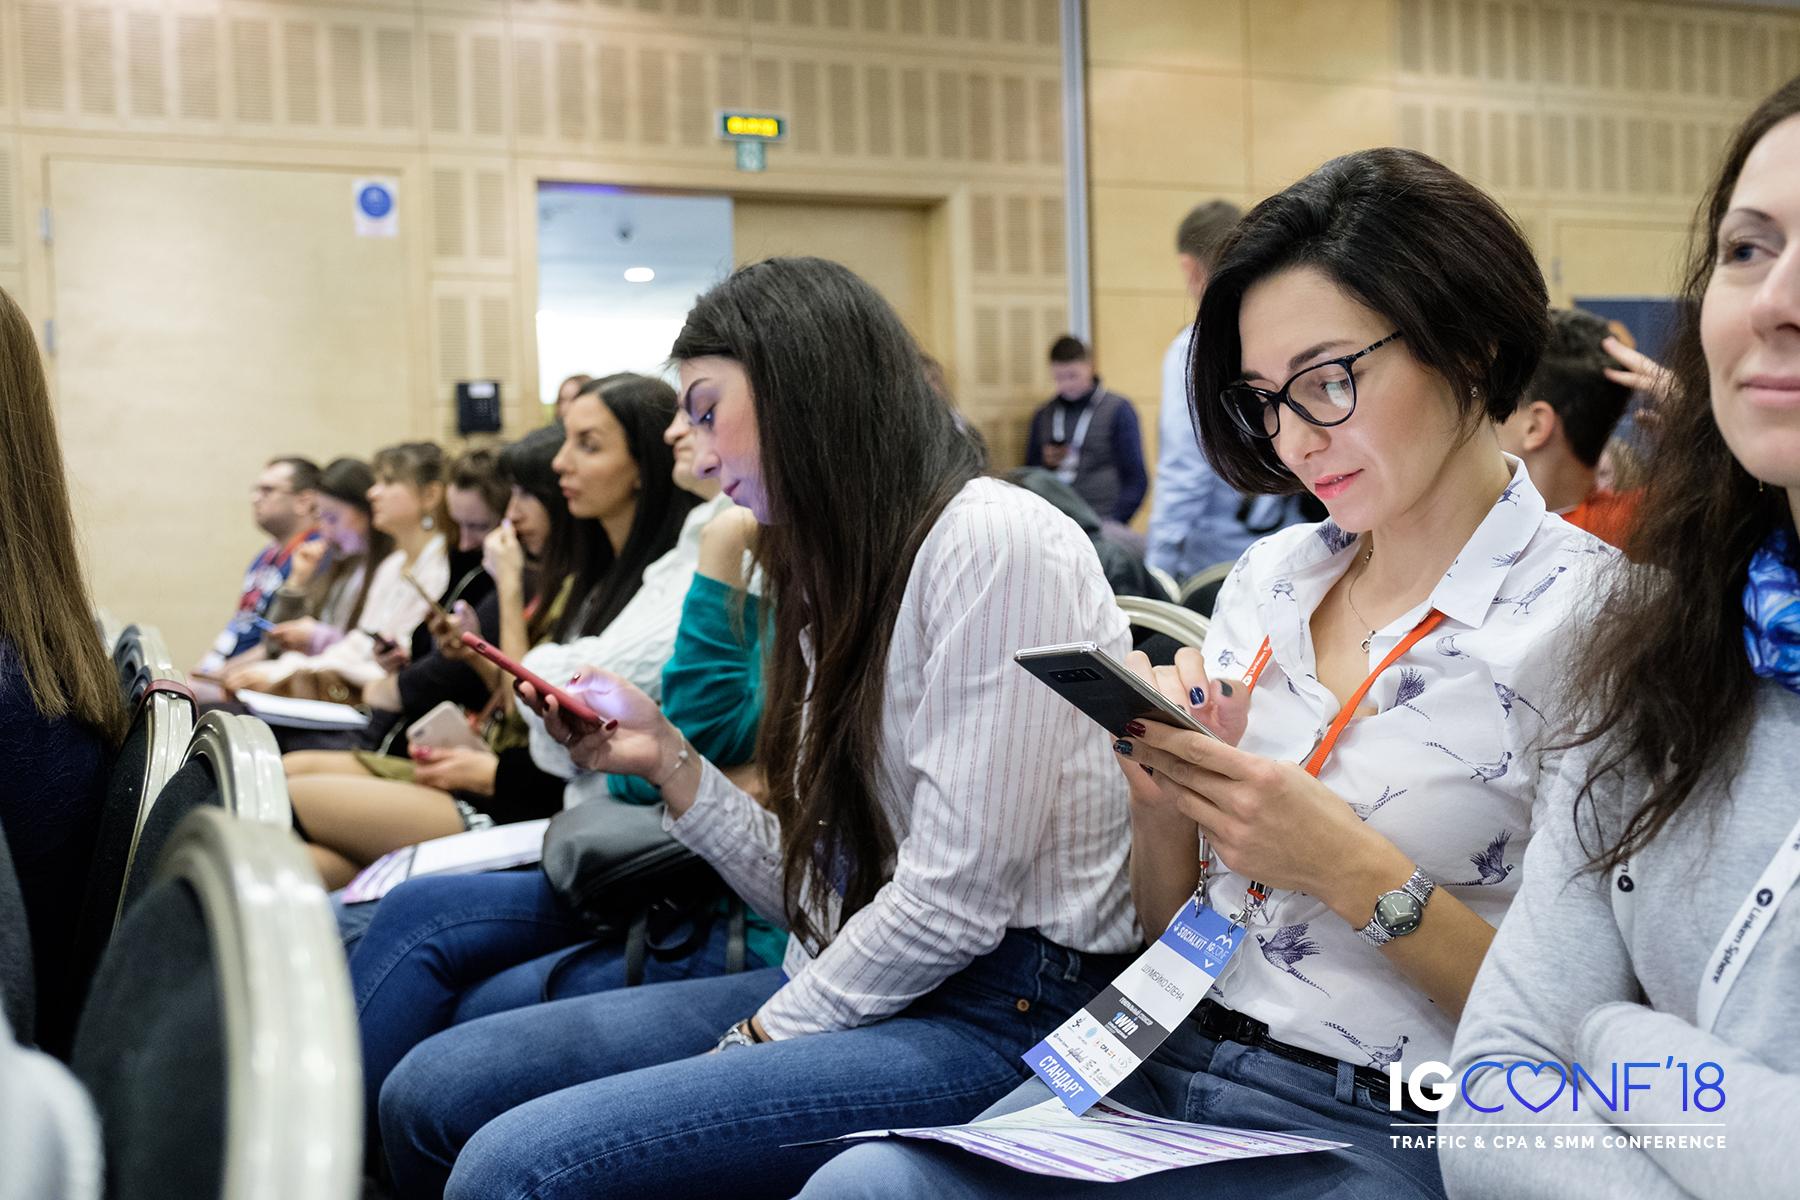 SMM конференция IGCONF 2026